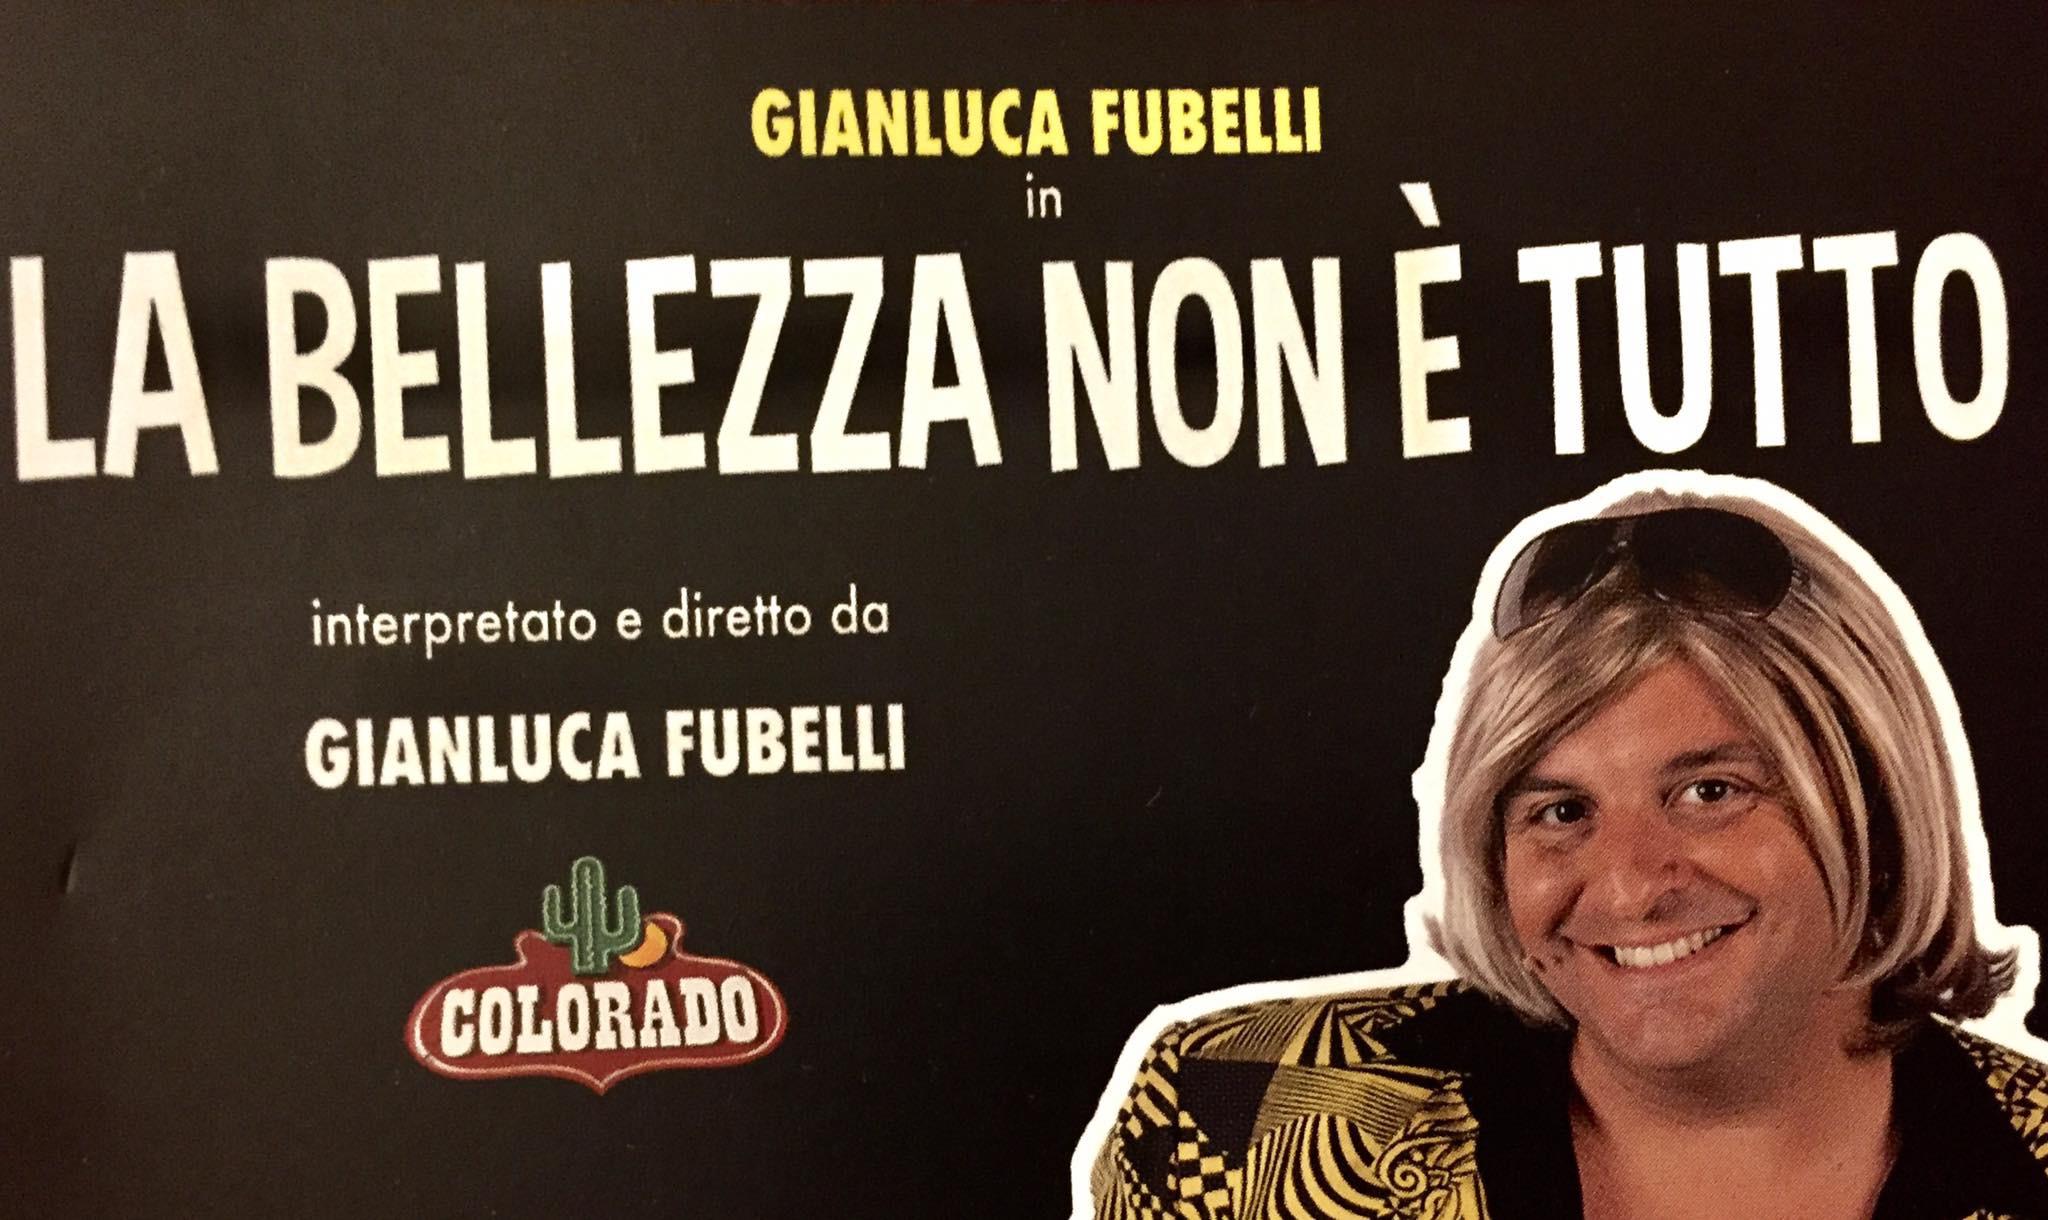 Gianluca Fubelli in La bellezza non è tutto nella sala Massimo Troisi